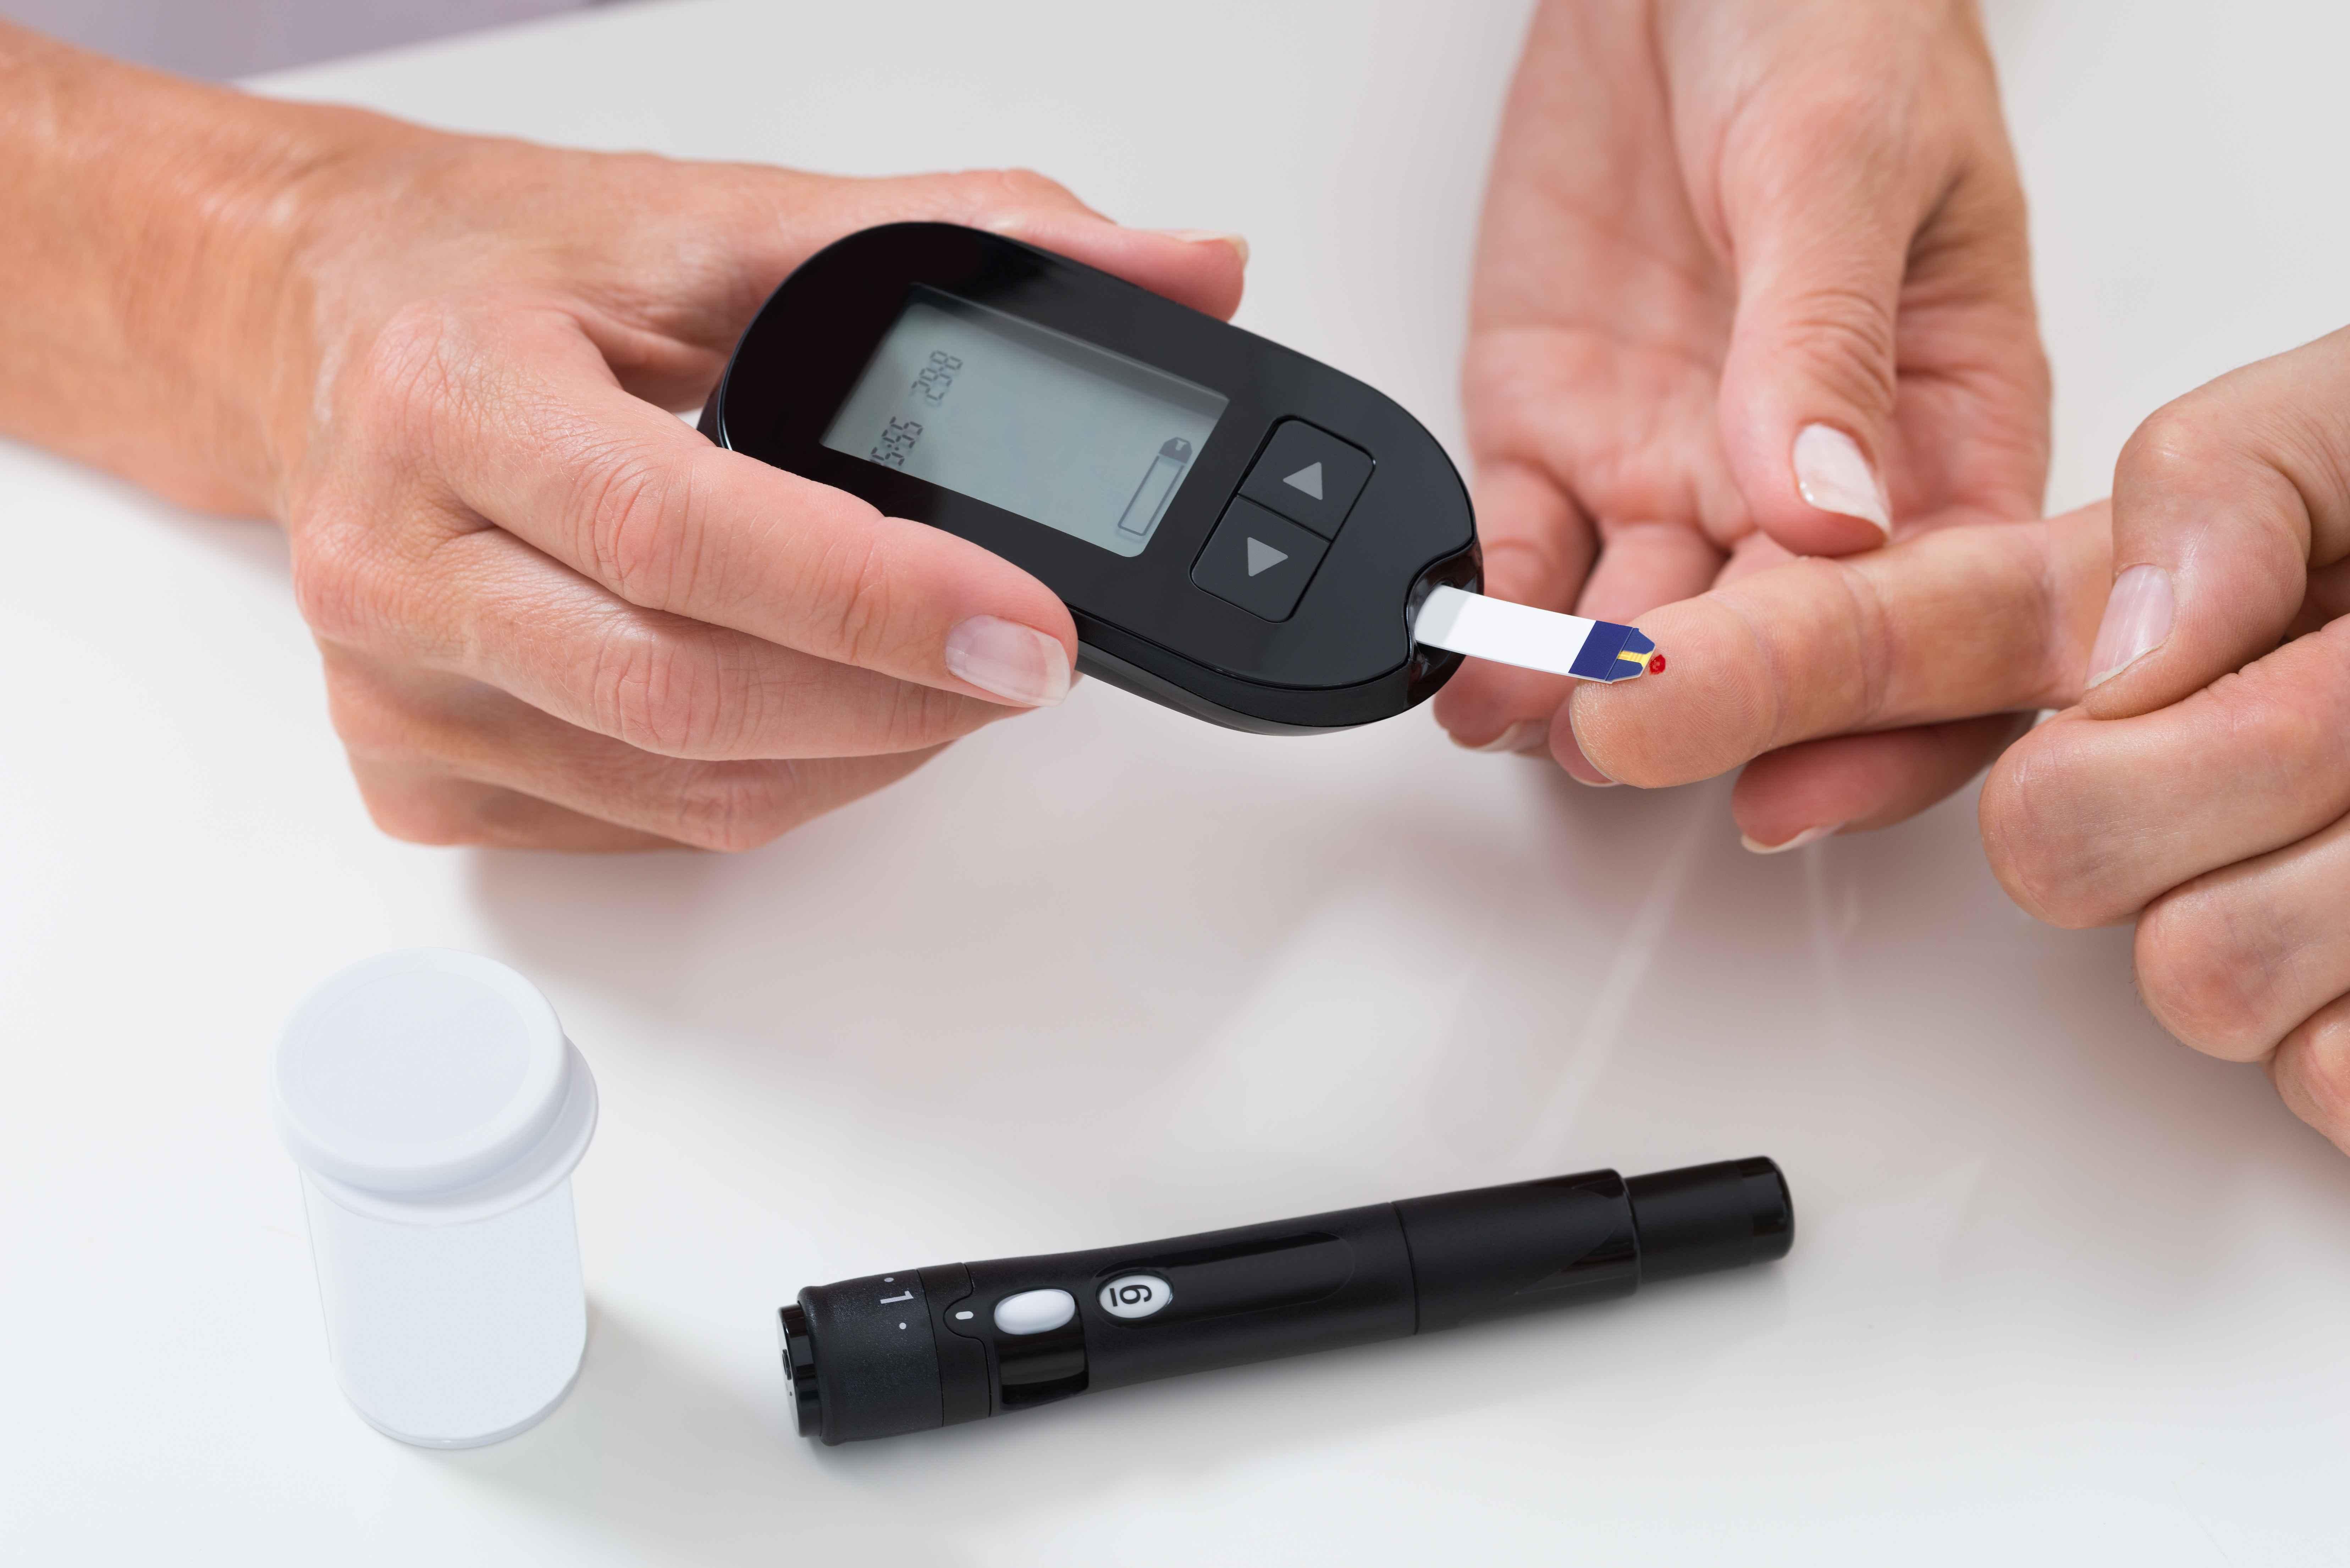 吃素食降血糖,荤食升血糖?医师:这2种素食升糖比肉还快,糖友需注意!